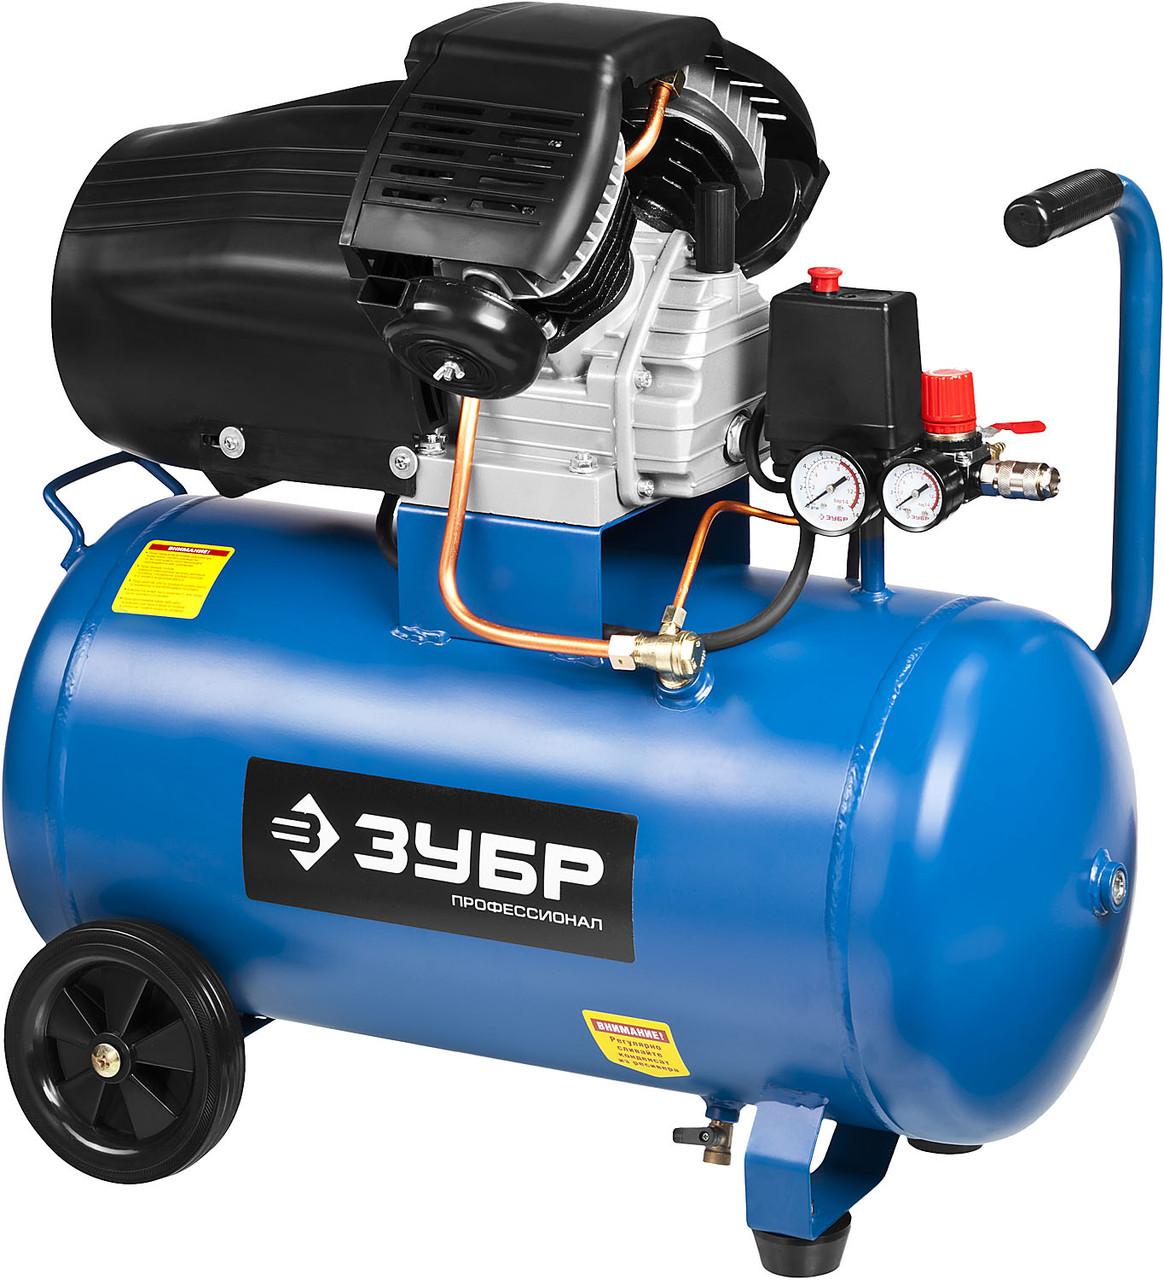 (ЗКПМ-360-50-2.2) Компрессор воздушный, ЗУБР Профессионал, поршневой, масляный, 360 л/мин, 50 л